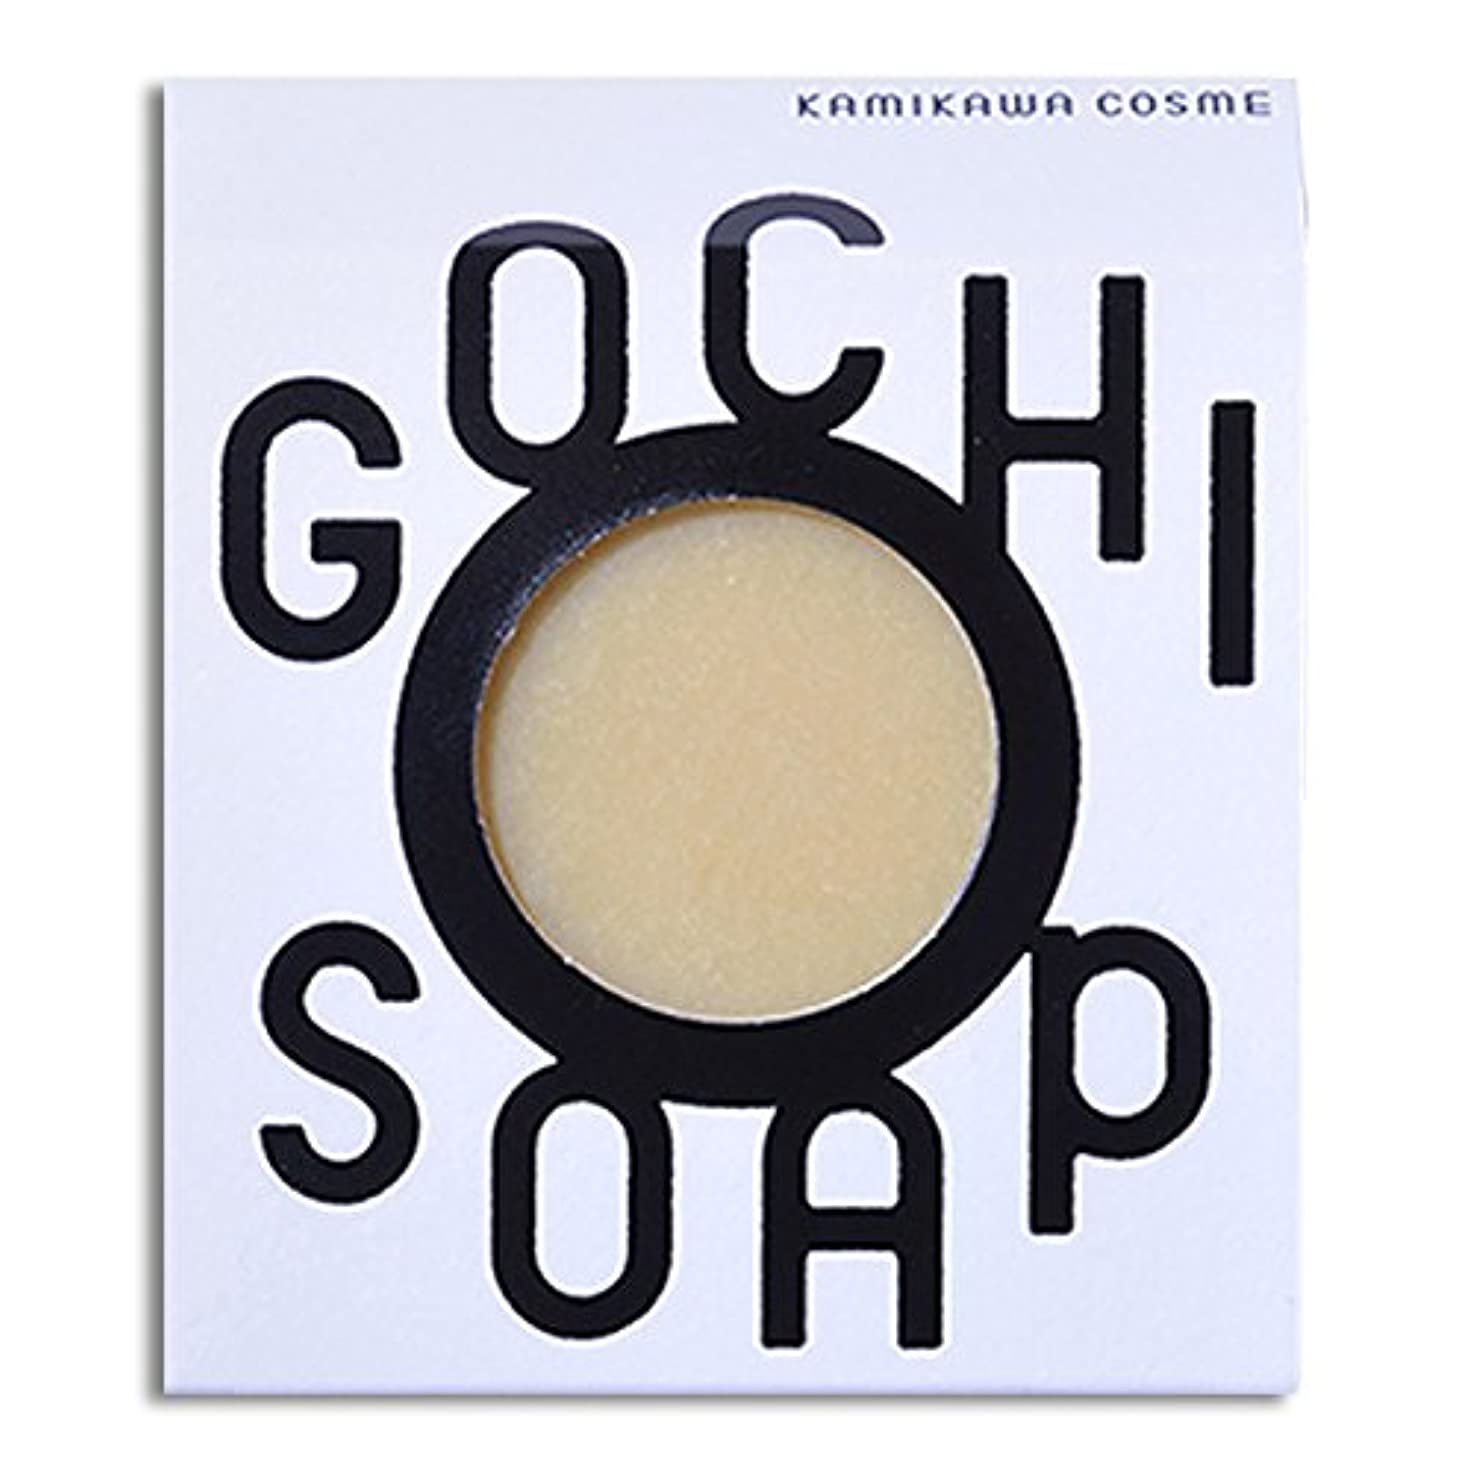 粘液道徳教育セッション道北の素材を使用したコスメブランド GOCHI SOAP(山路養蜂園の蜂蜜ソープ?ふじくらますも果樹園のりんごソープ)各1個セット